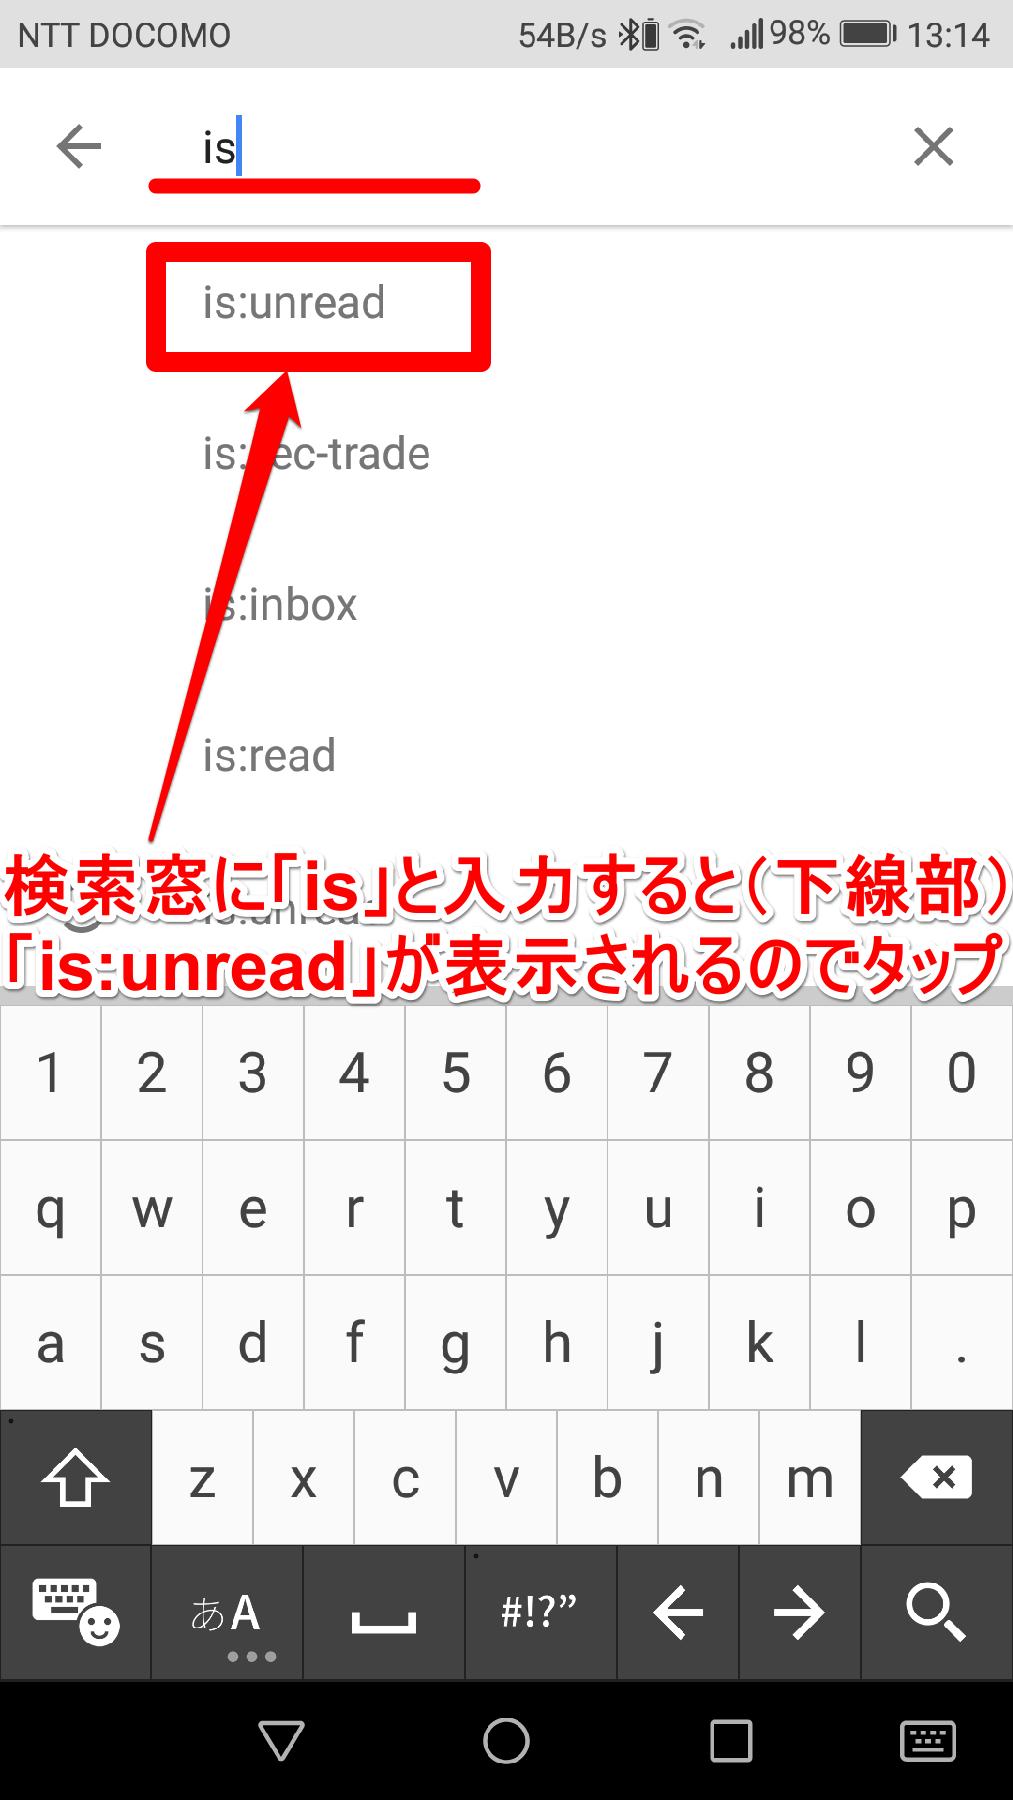 スマートフォン版(Android)Gmailアプリで未読メールを検索する画面